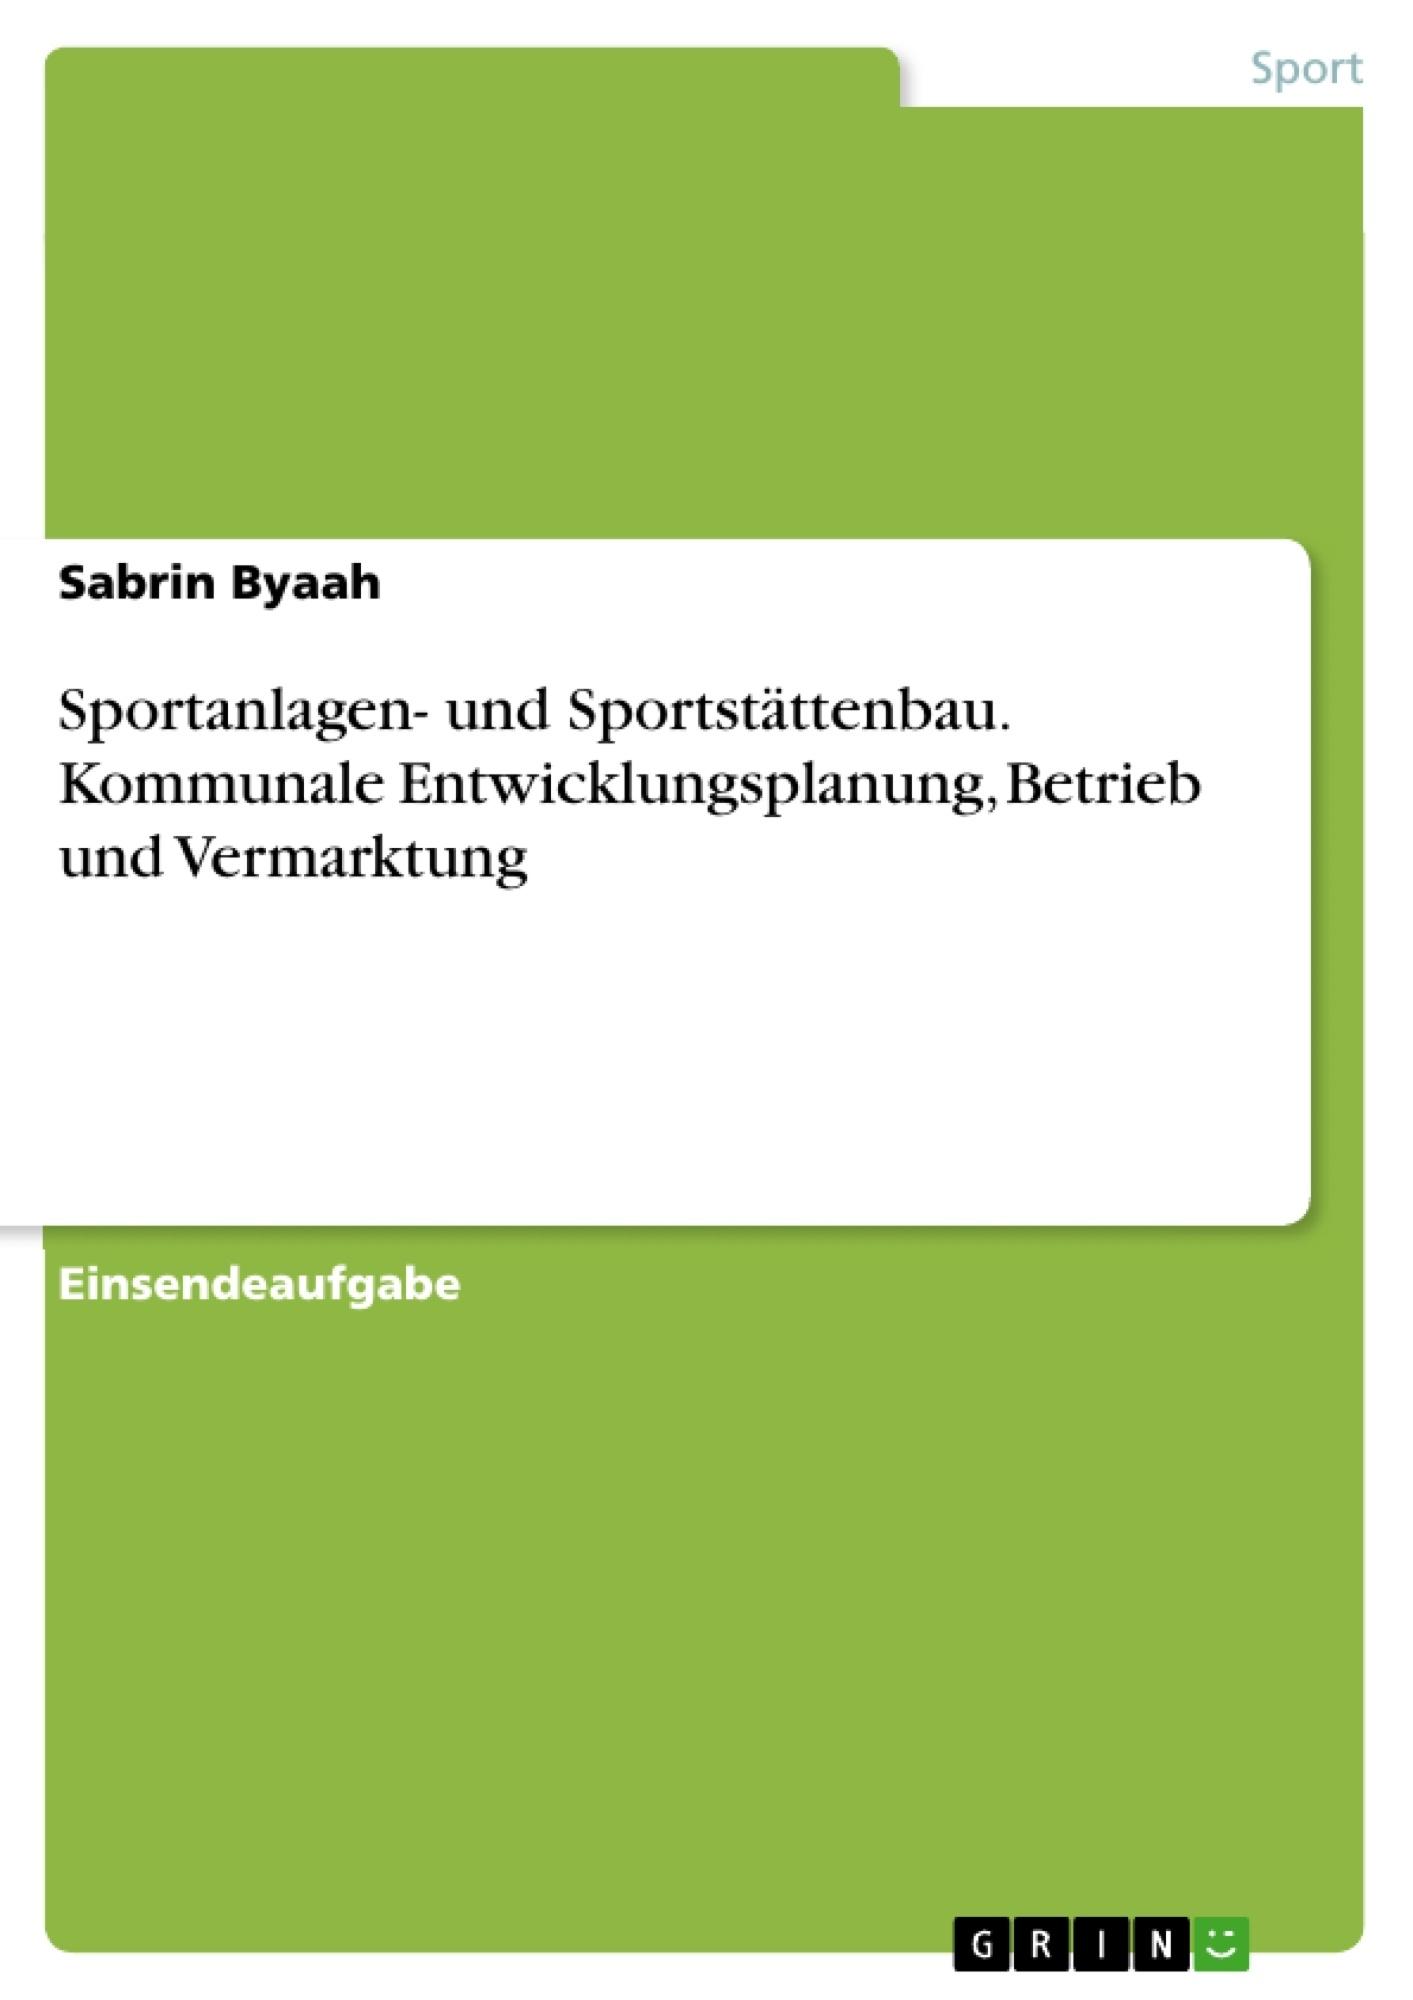 Titel: Sportanlagen- und Sportstättenbau. Kommunale Entwicklungsplanung, Betrieb und Vermarktung